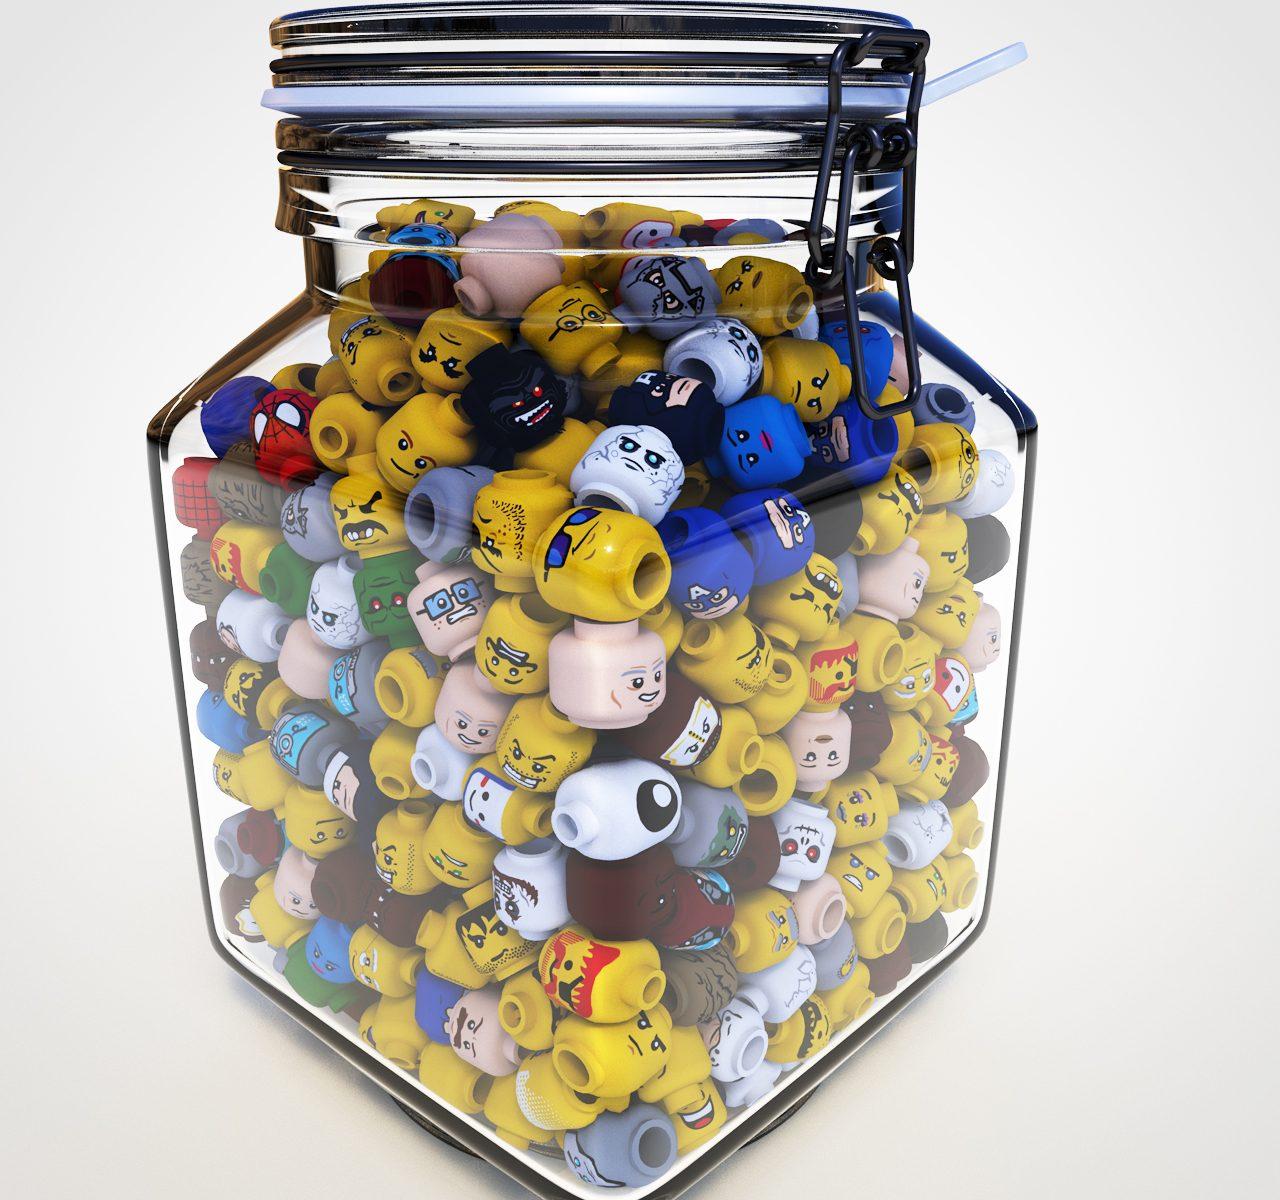 Jar of Lego Heads